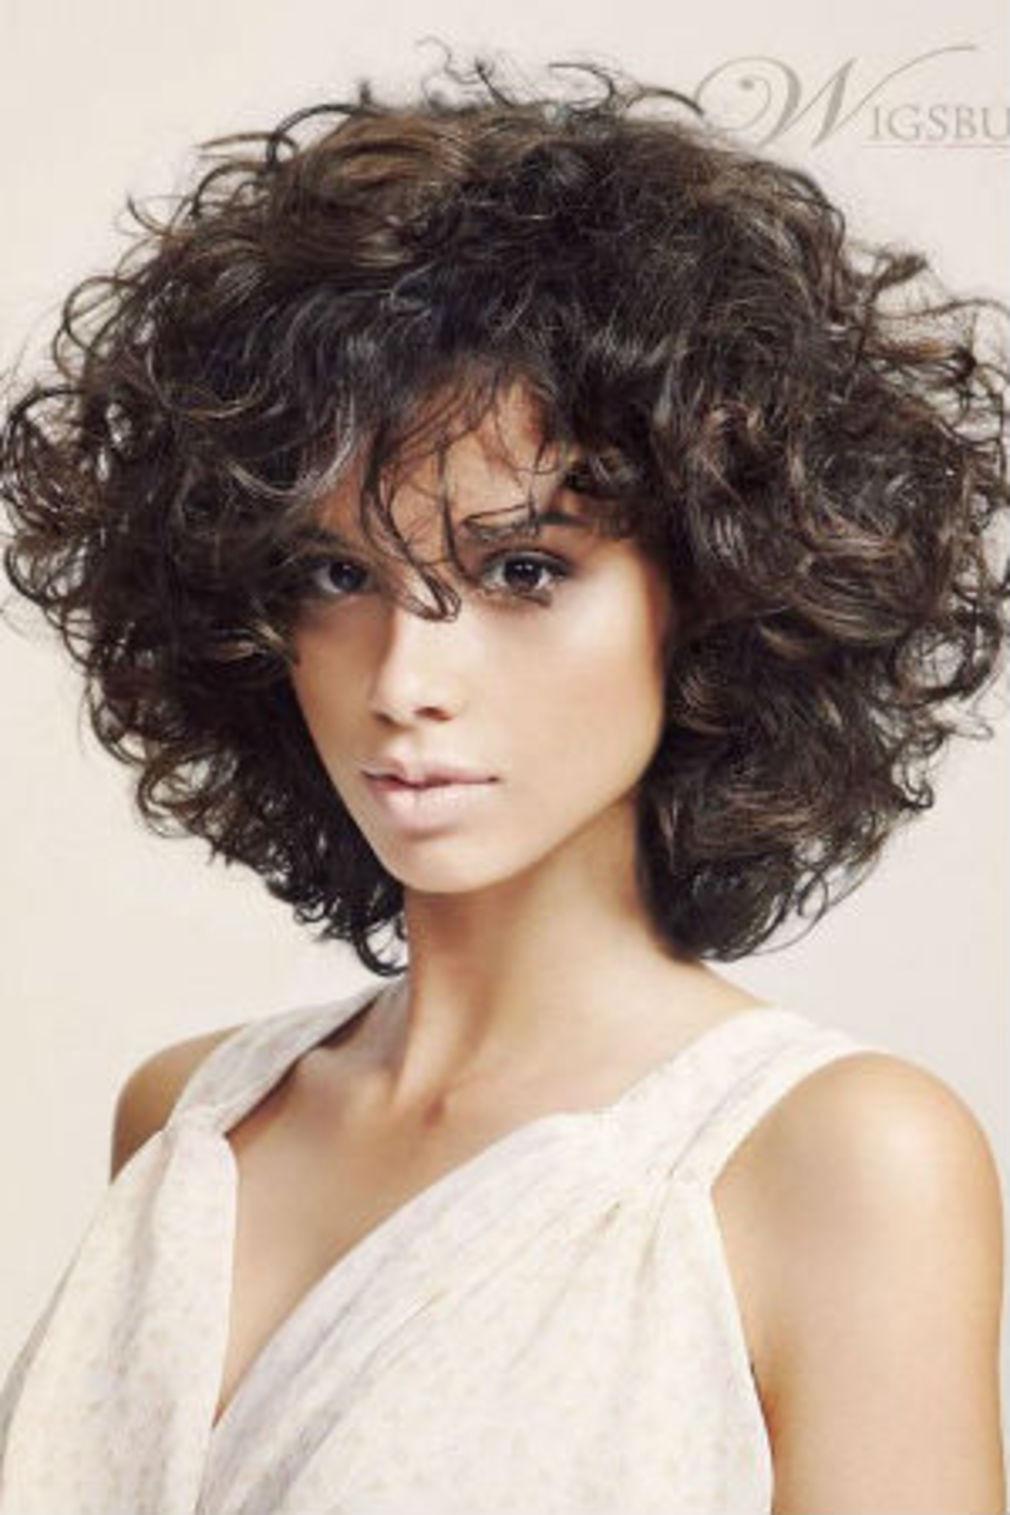 +20 meilleures idées de coupe de cheveux femme pour cheveux épais et frisés - LiloBijoux ...